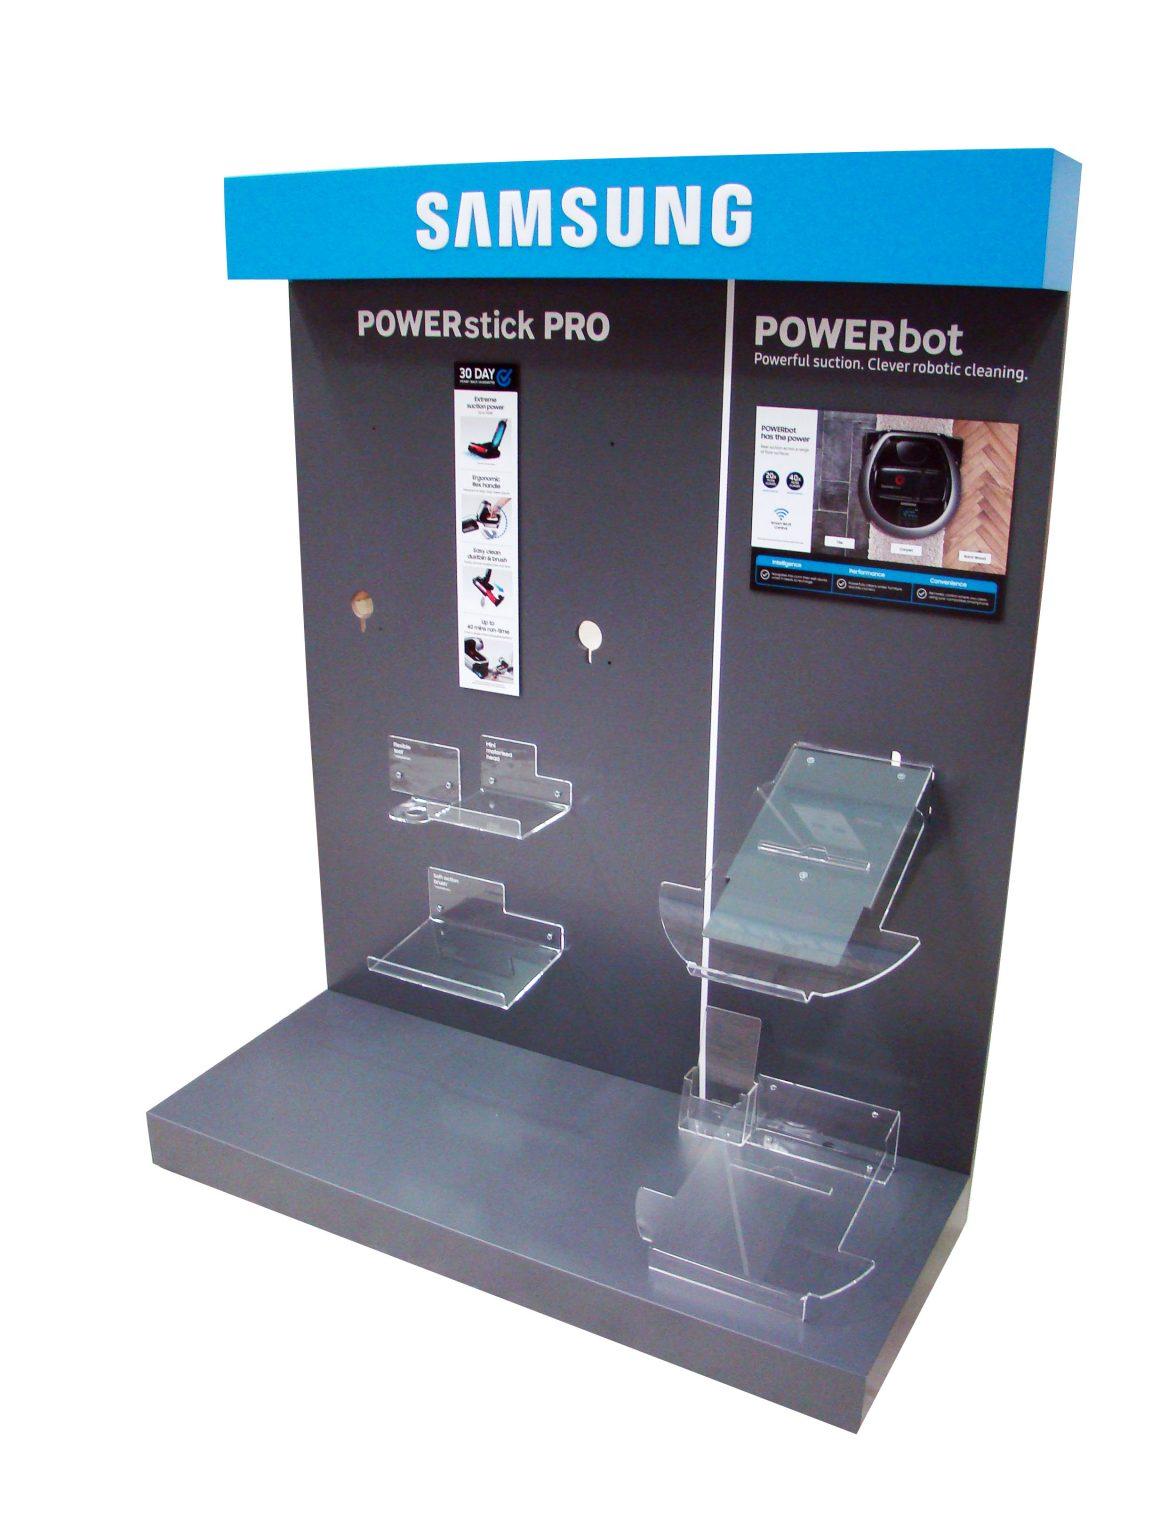 SamsungProDisplay